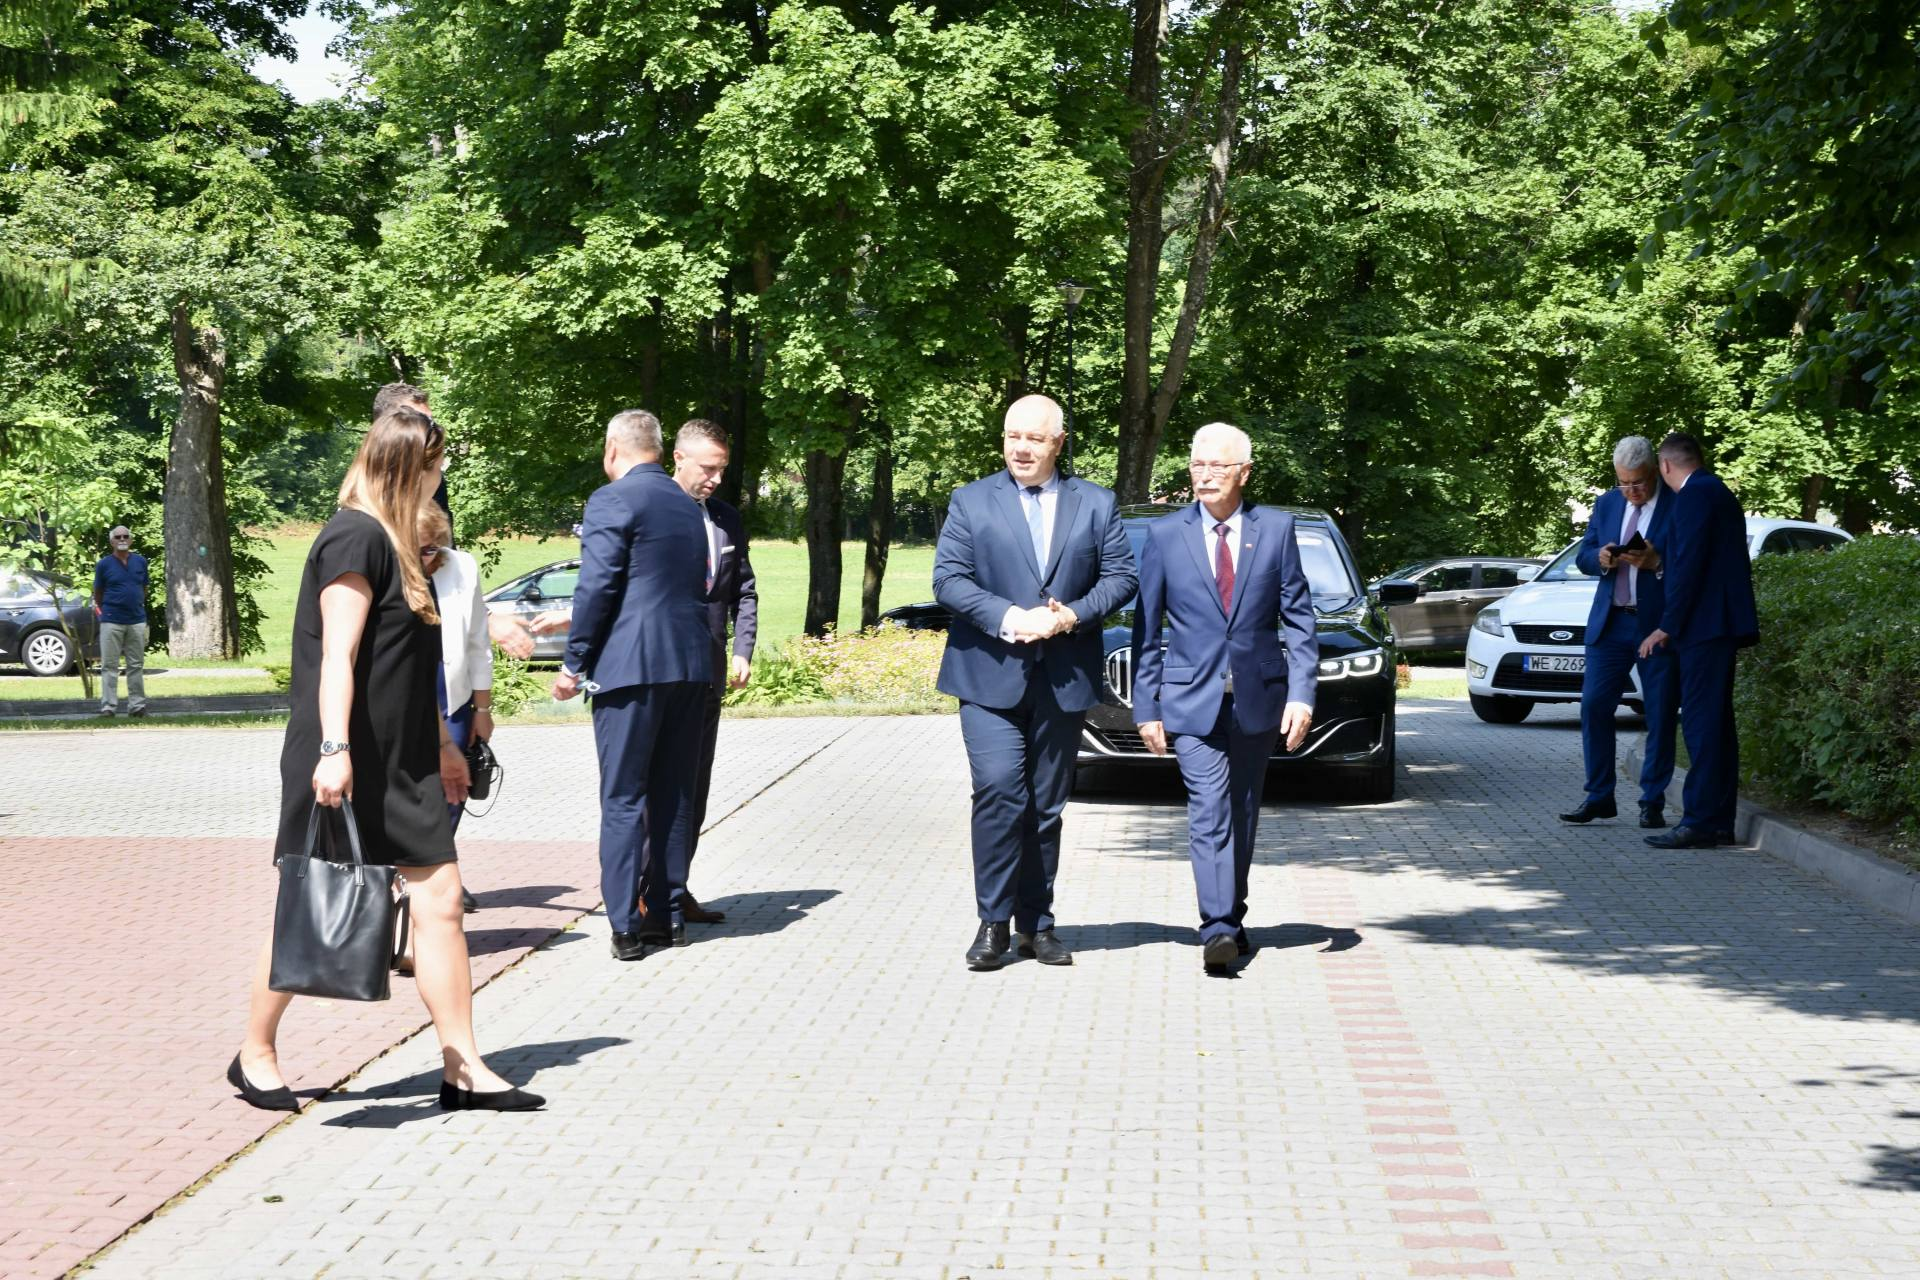 dsc 7405 Za 80 mln zł rozbudowane zostanie sanatorium w Krasnobrodzie.